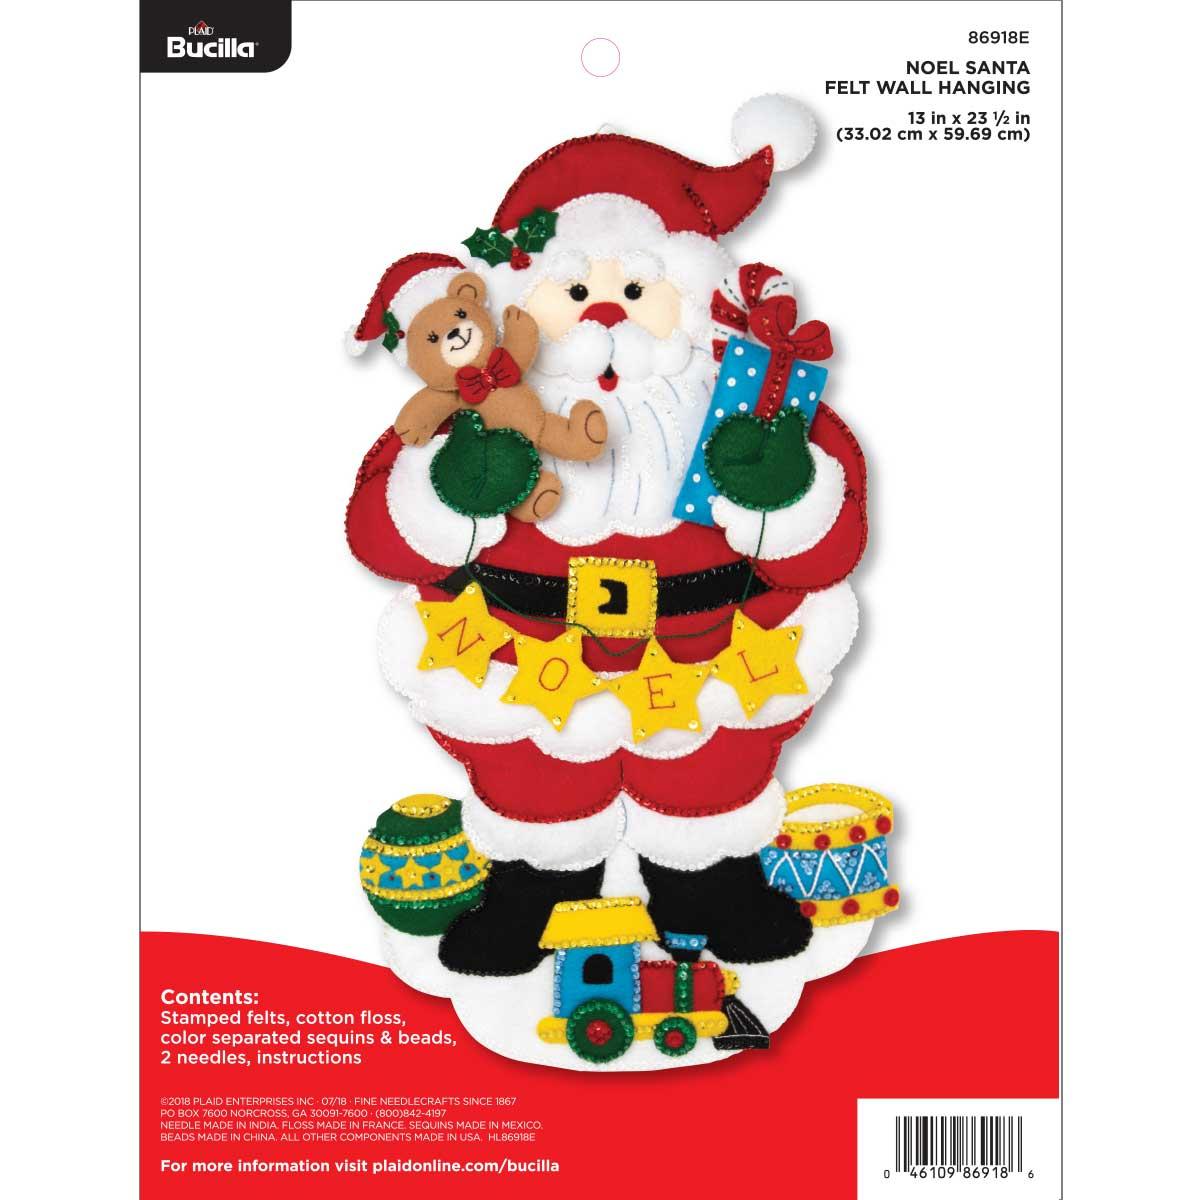 Bucilla ® Seasonal - Felt - Home Decor - Noel Santa Wall Hanging - 86918E